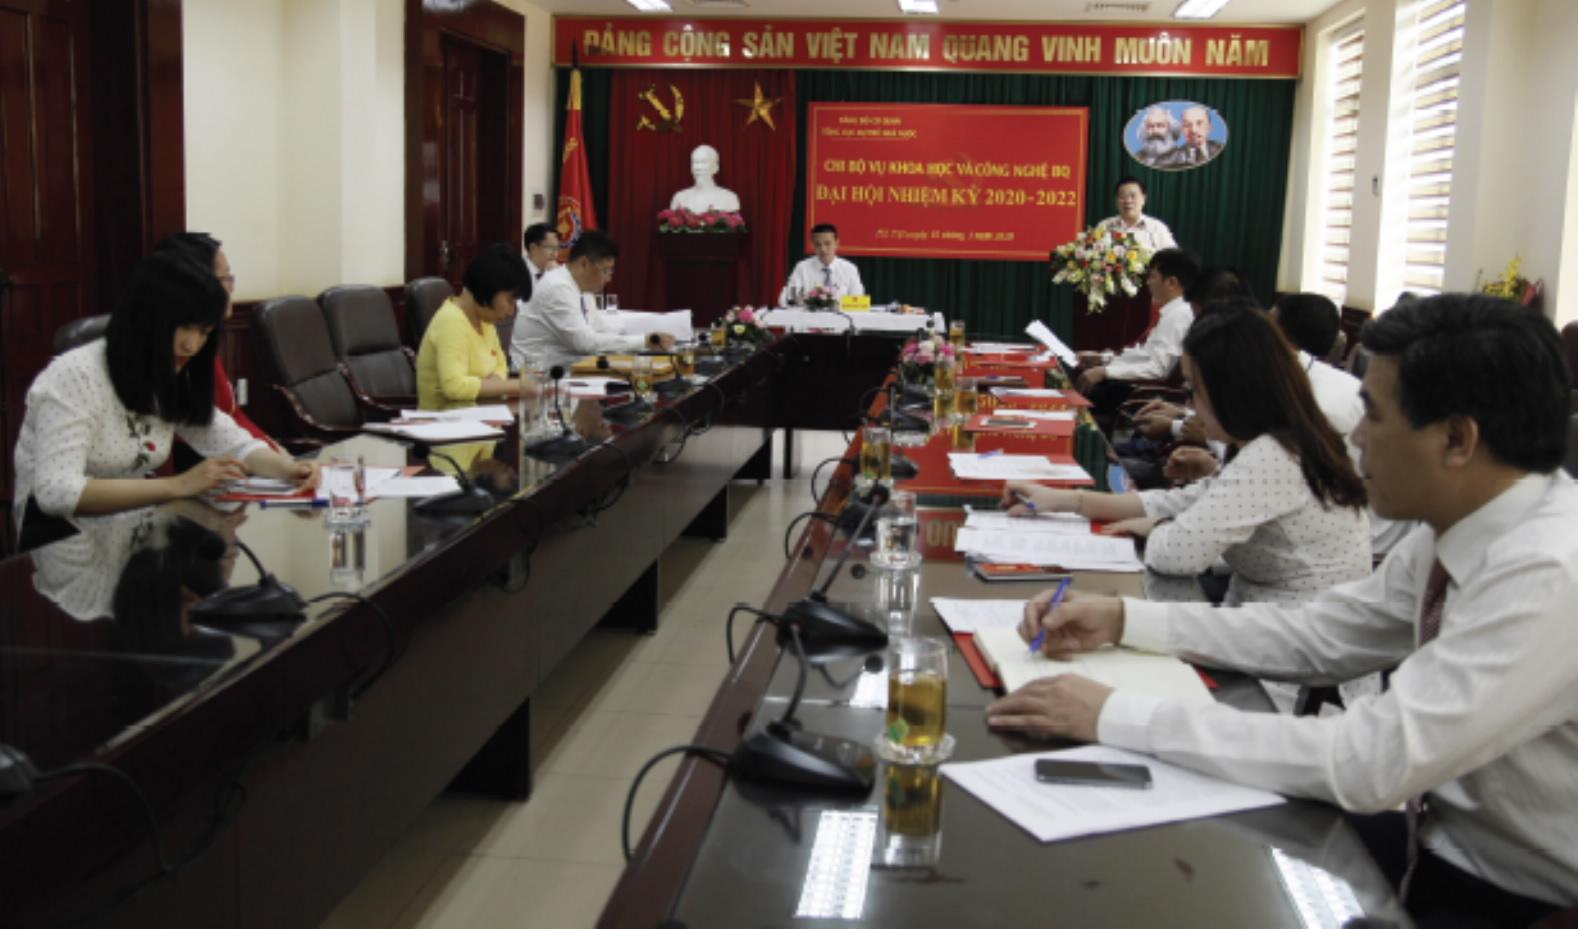 Đảng bộ cơ quan Tổng cục Dự trữ Nhà nước thi đua hướng tới đại hội Đảng các cấp